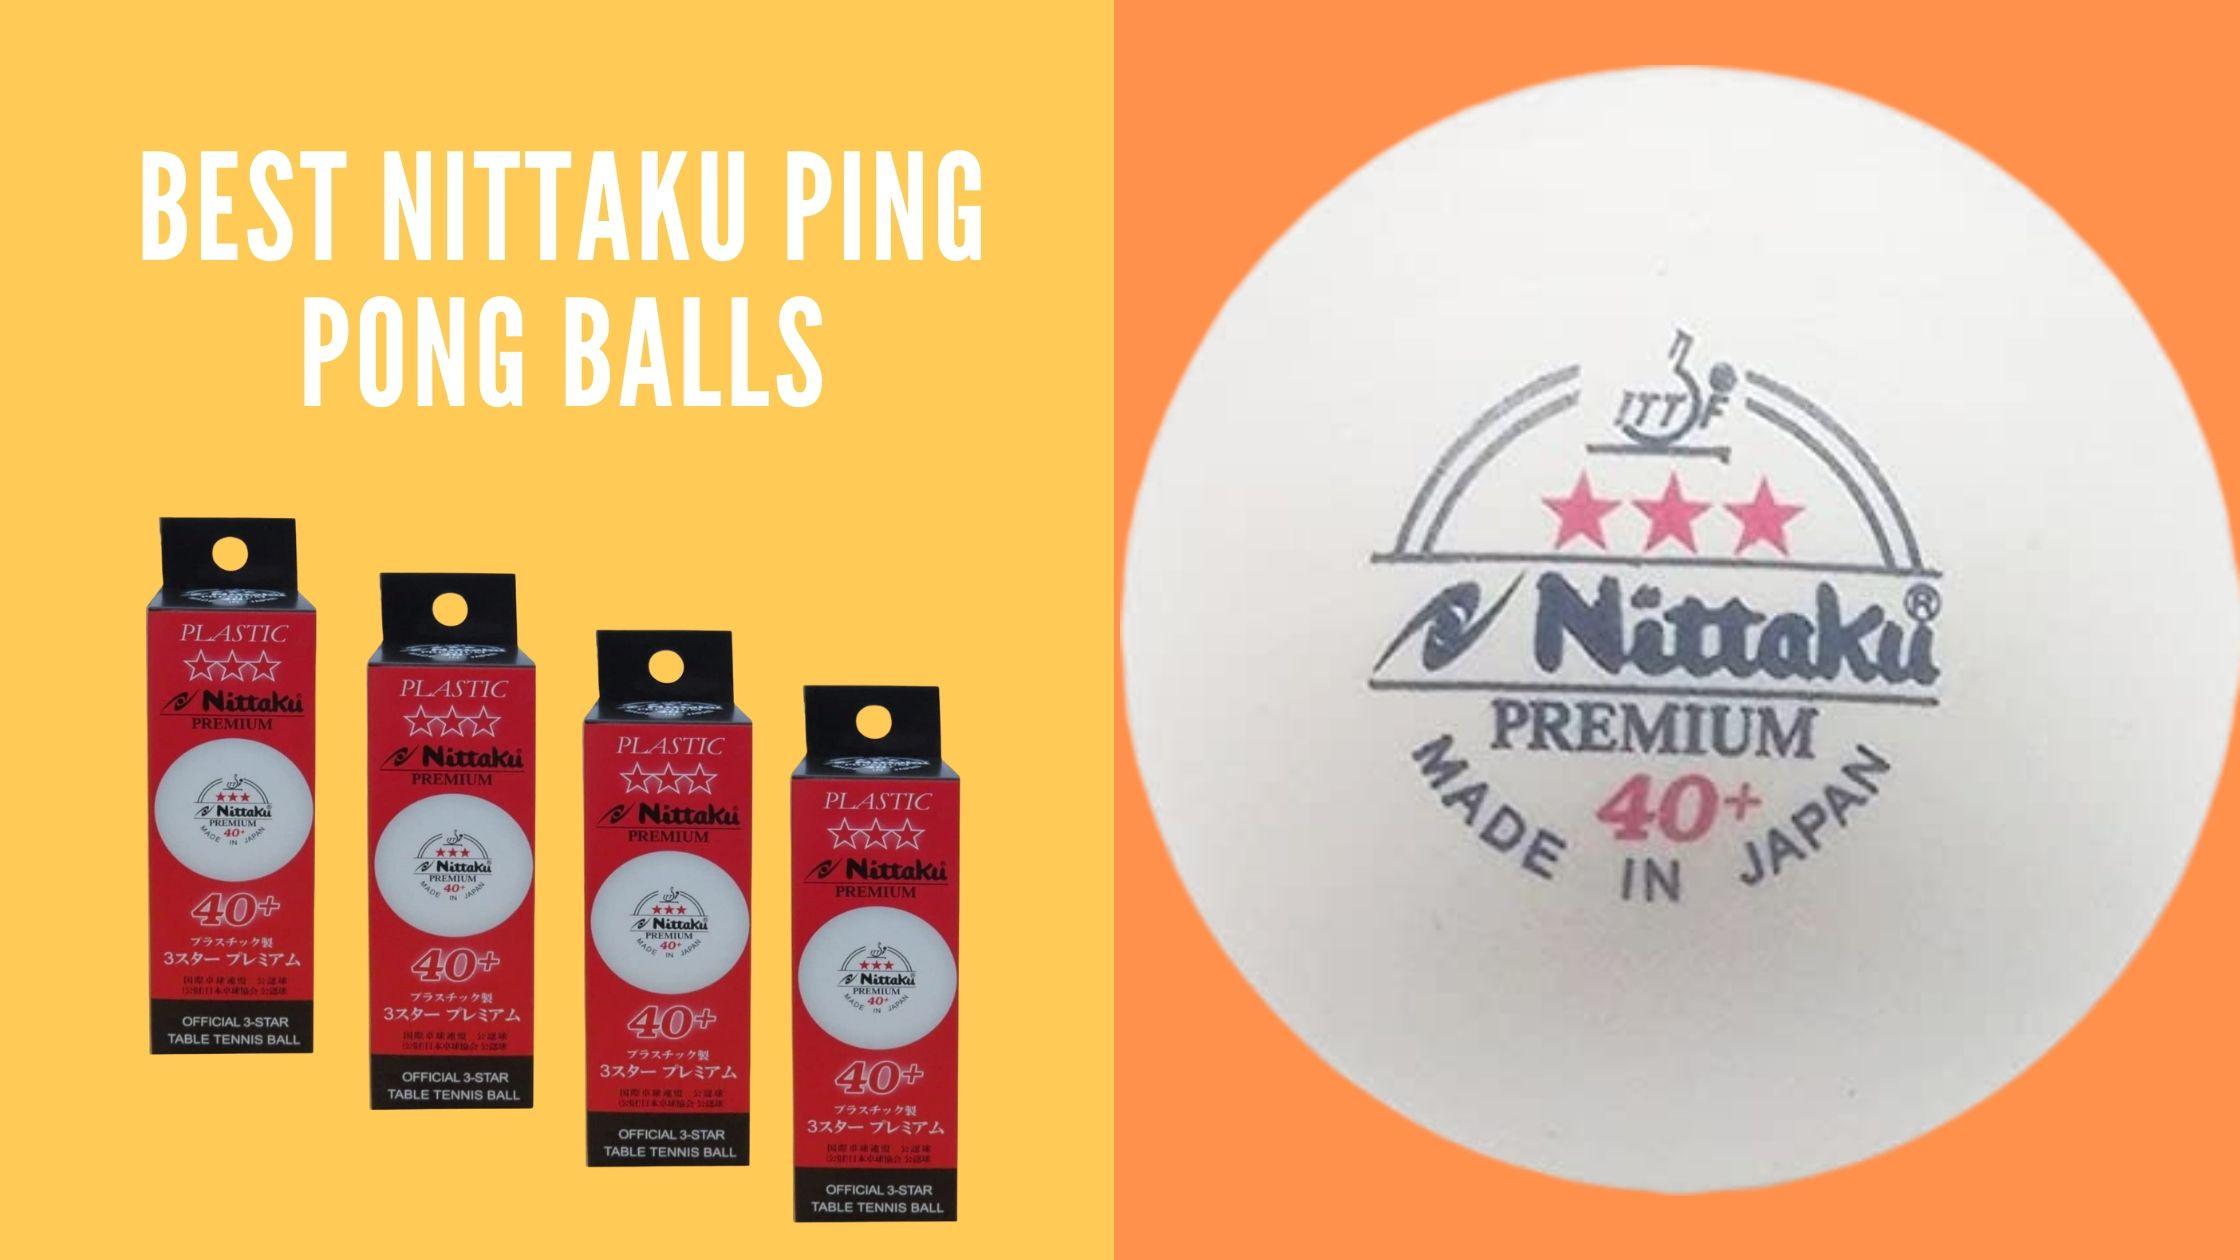 Nittaku ping pong balls